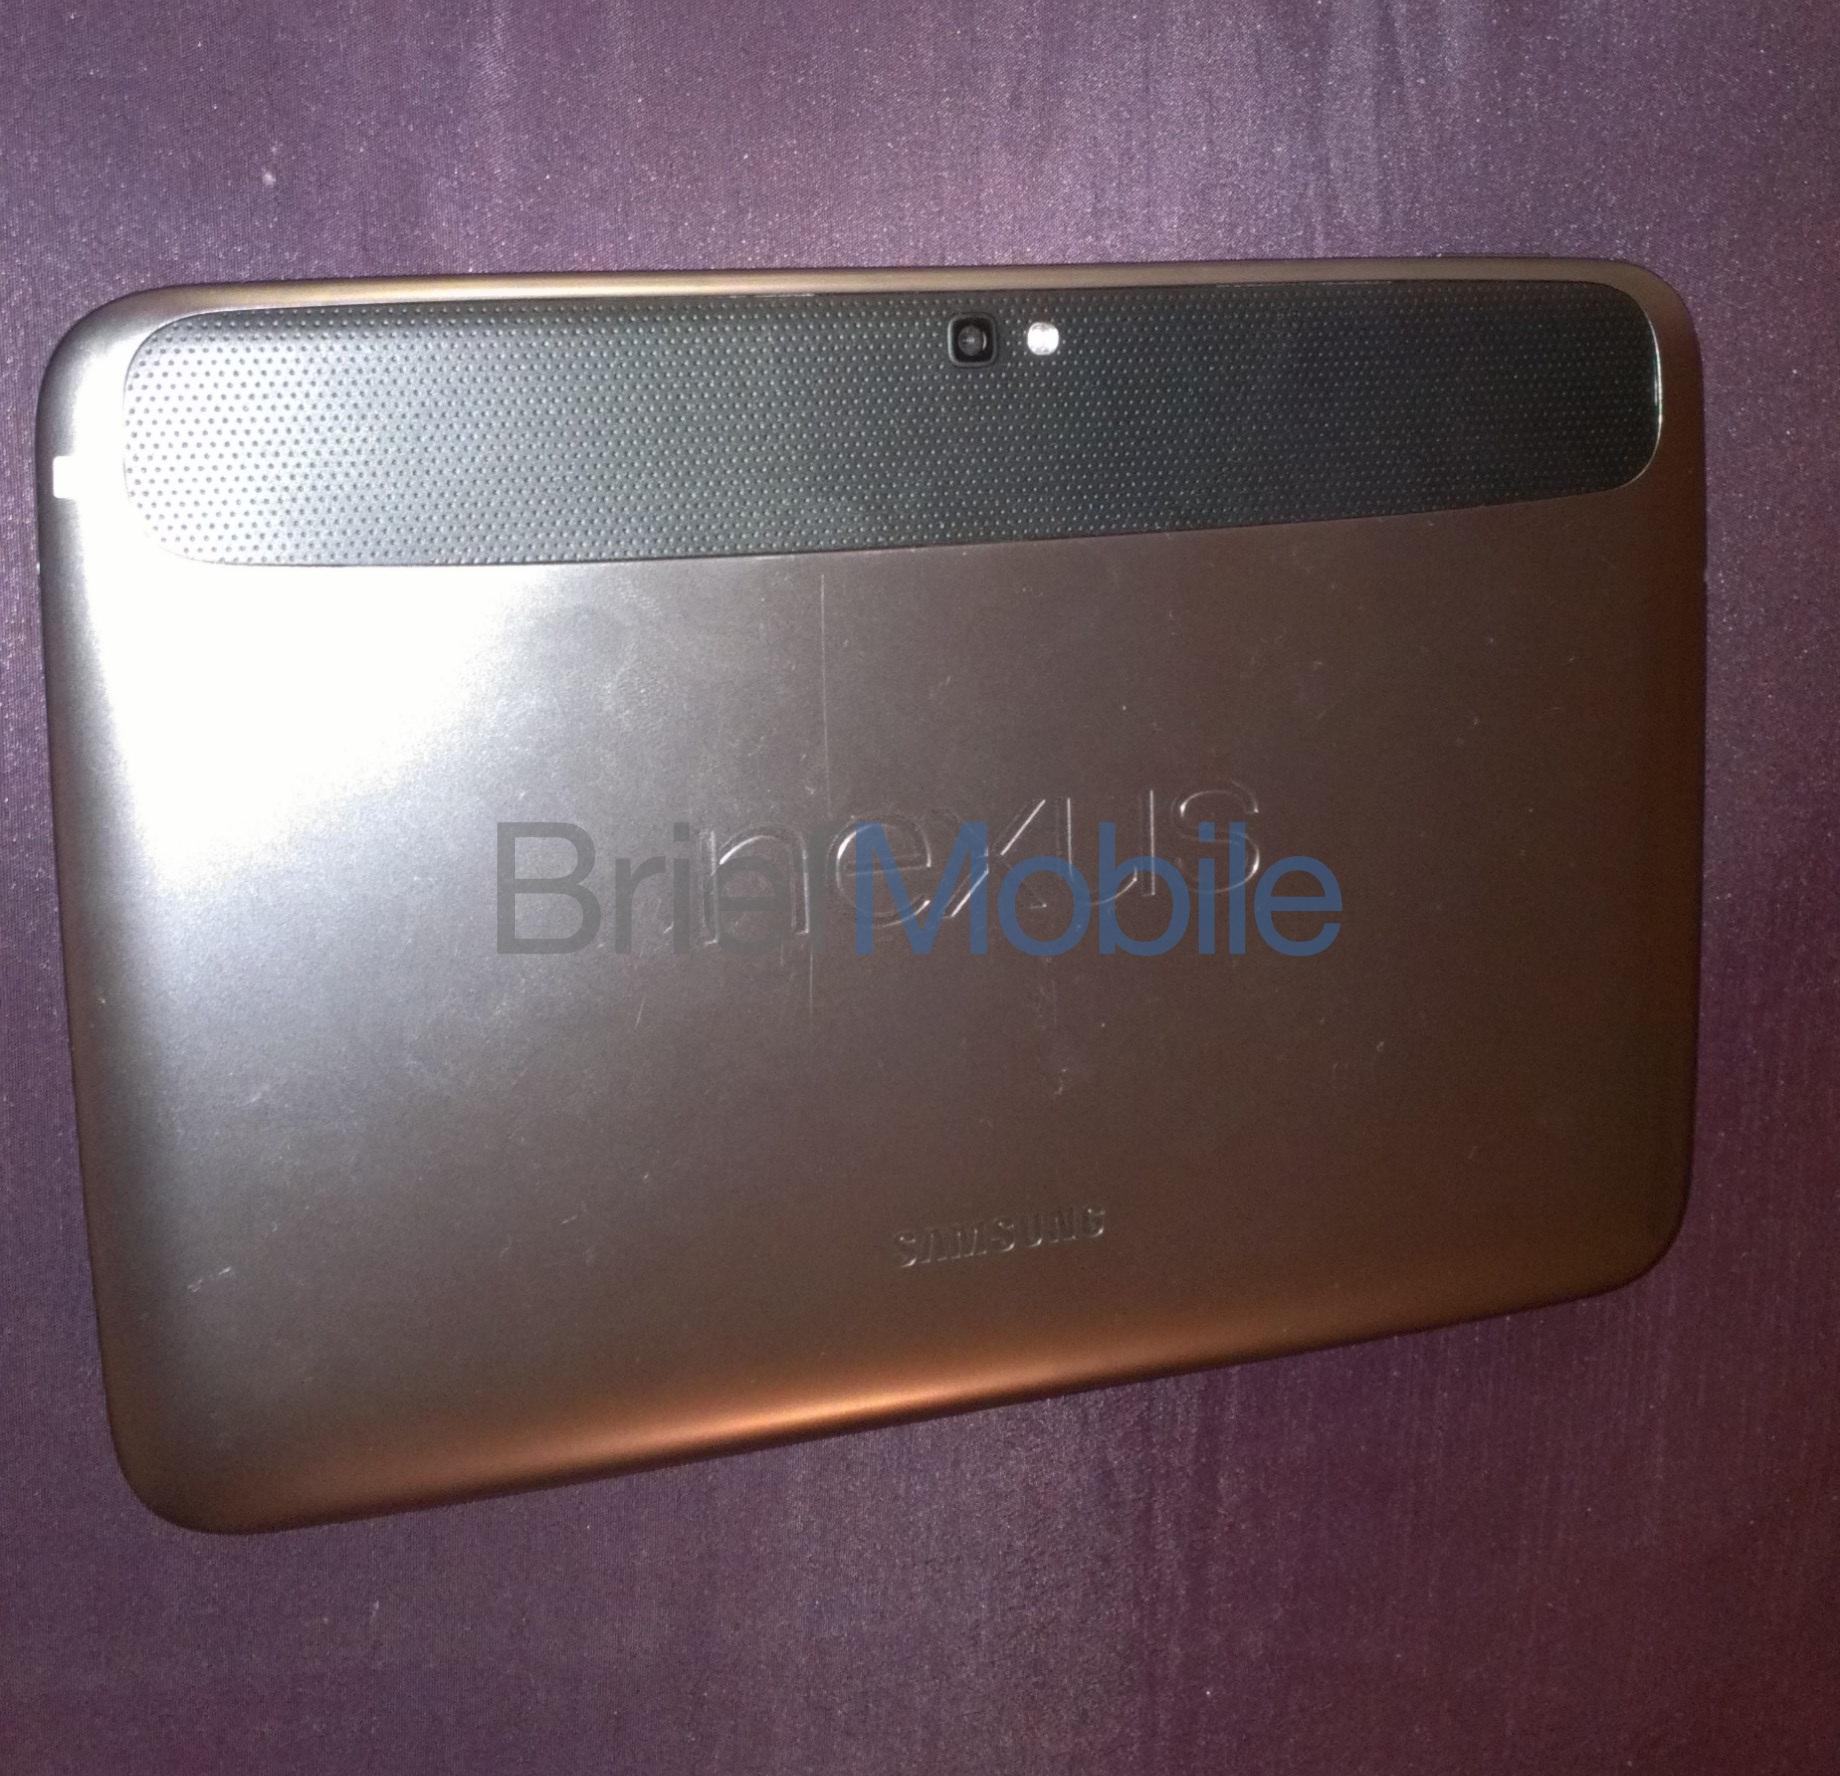 Unikly obrázky a specifikace tabletu Nexus 10